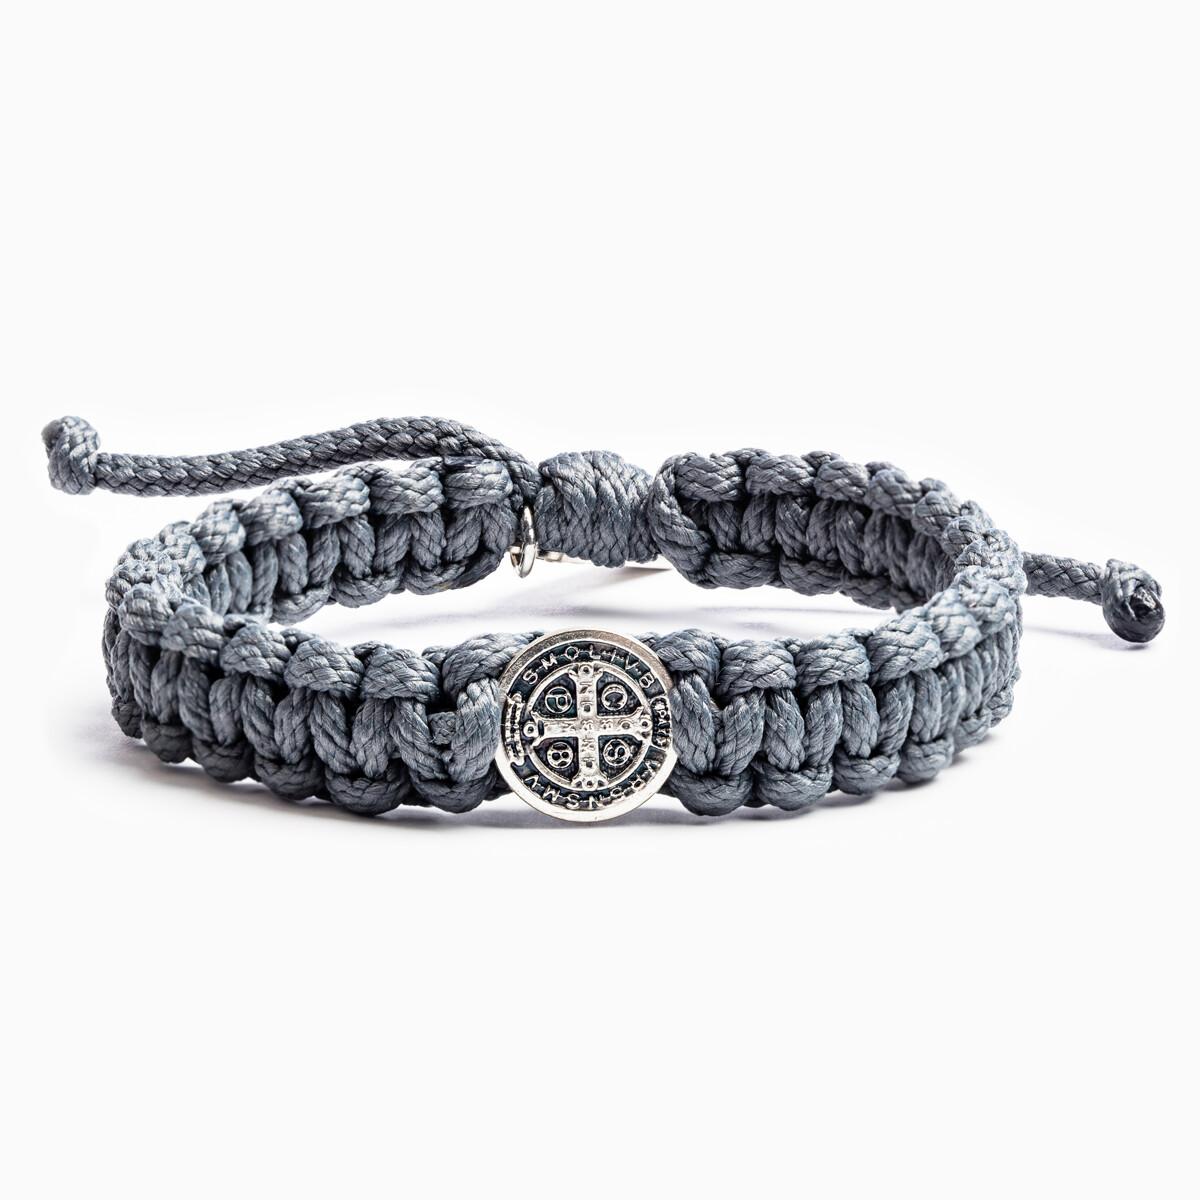 MSMH One Blessing Bracelet For Him (Silver/Slate)